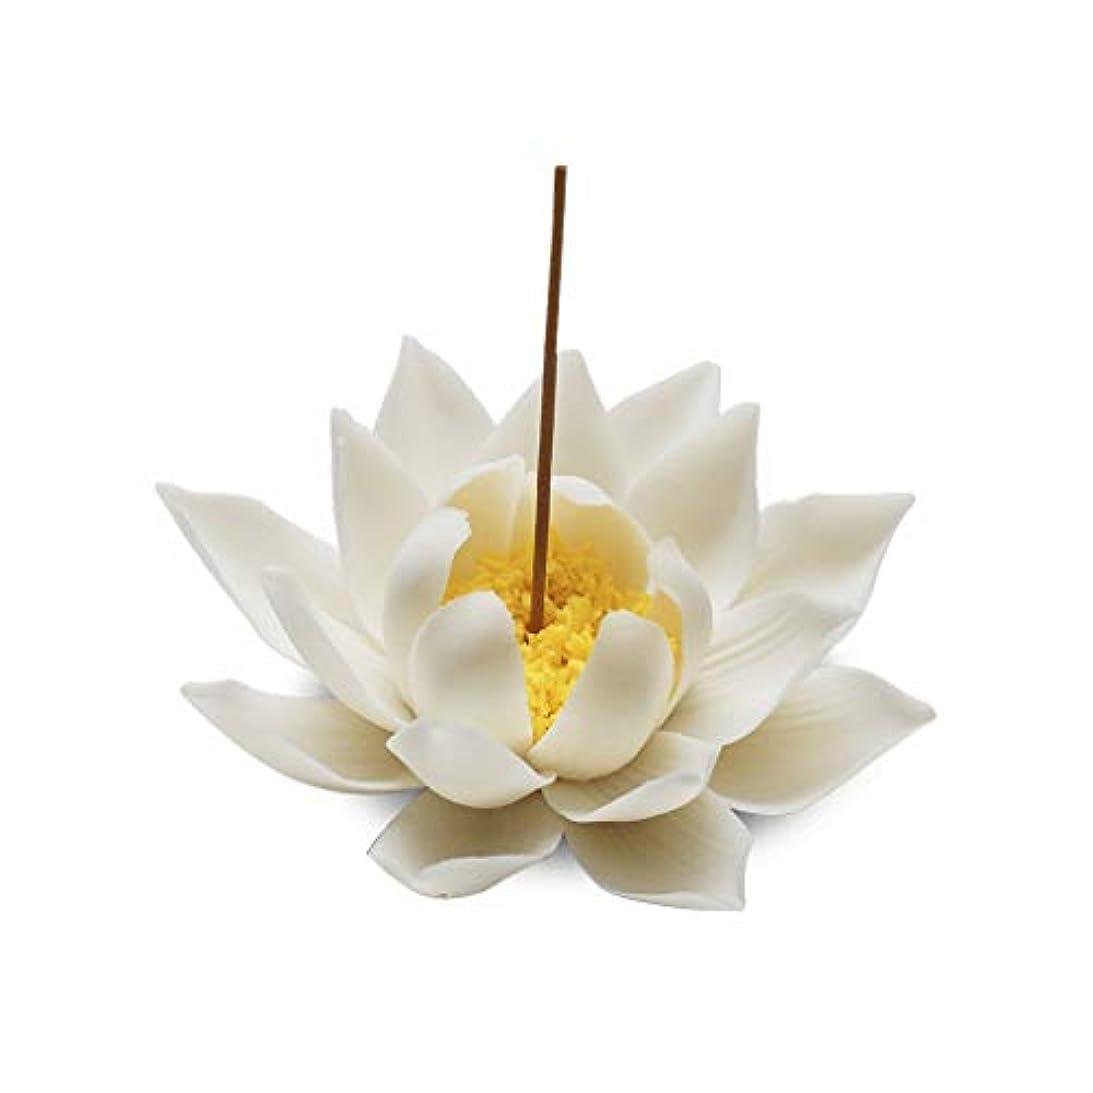 管理する同一のいつ芳香器?アロマバーナー セラミック蓮香バーナー家の装飾香スティックホルダー仏教アロマセラピーホームリビングルームの茶屋 芳香器?アロマバーナー (Color : A)